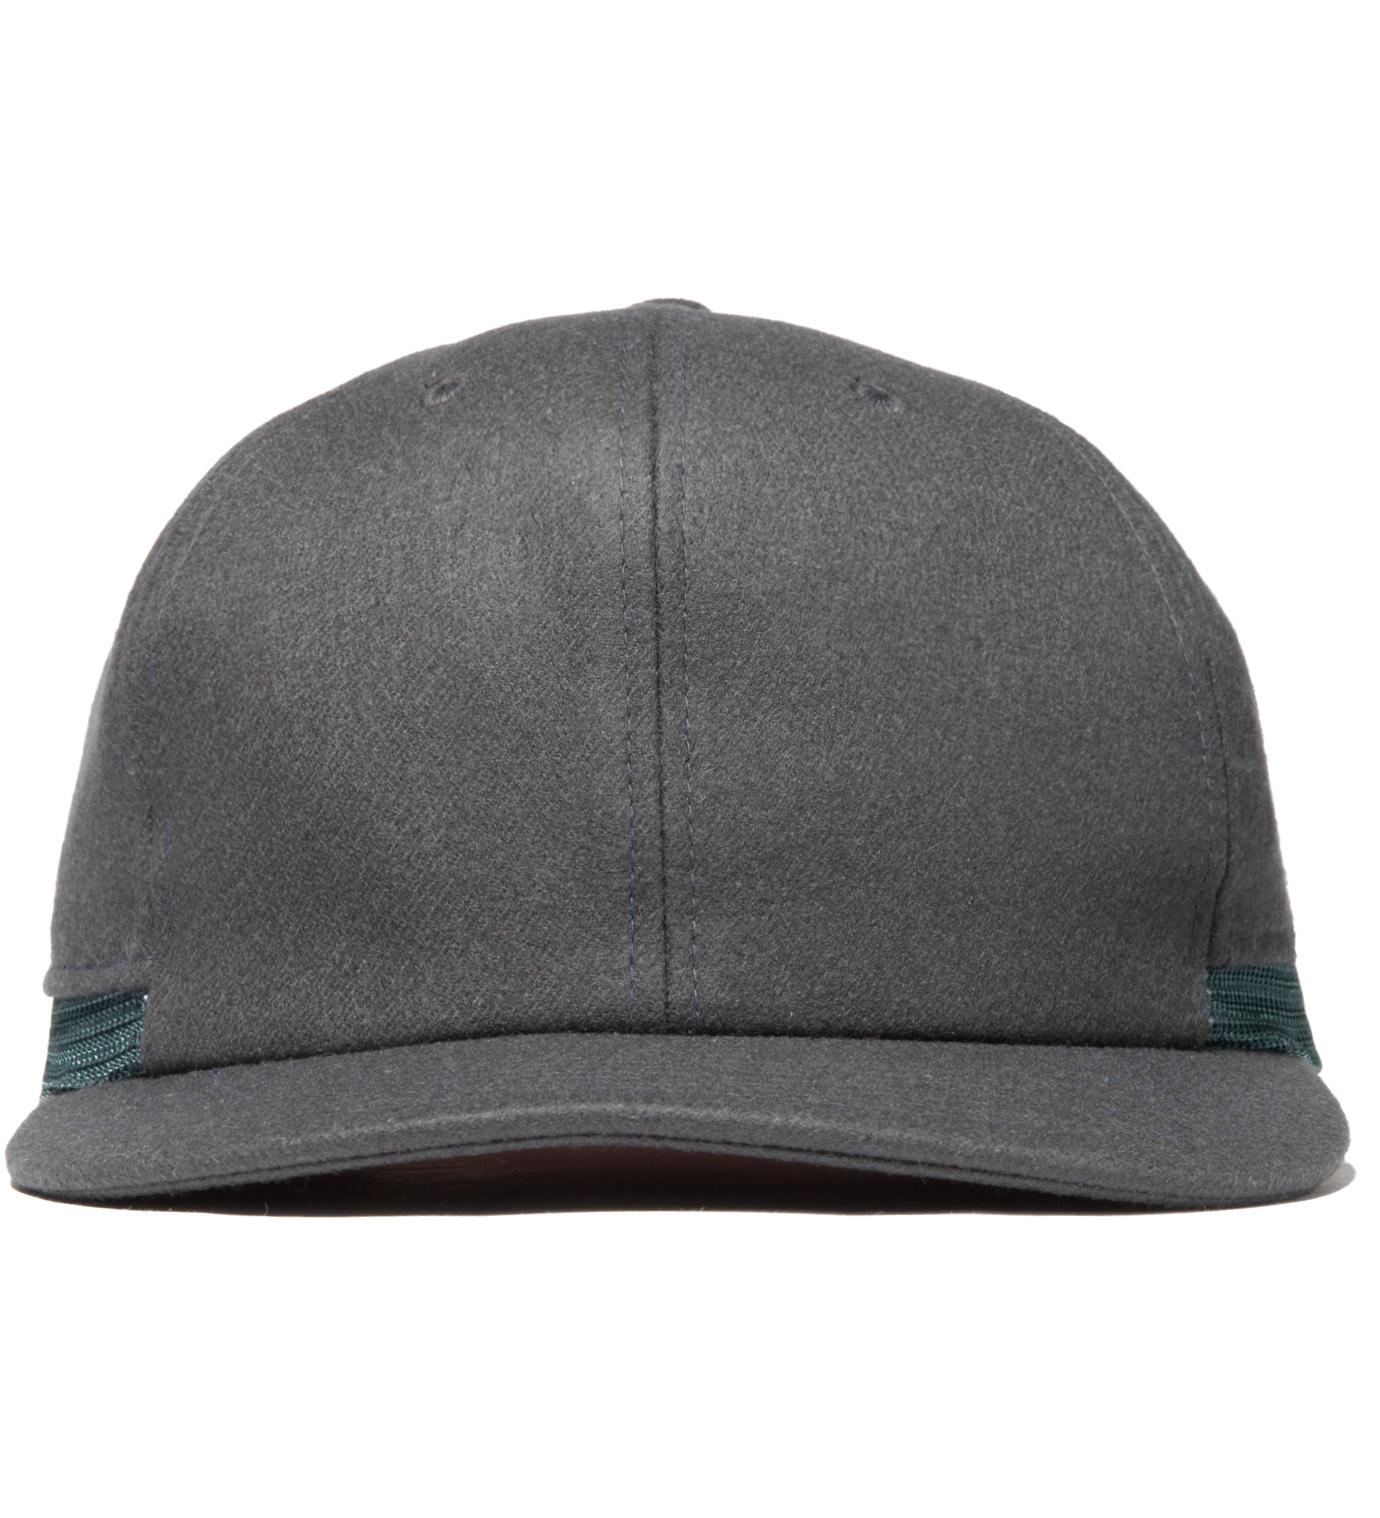 Facetasm Gray Layered Cap